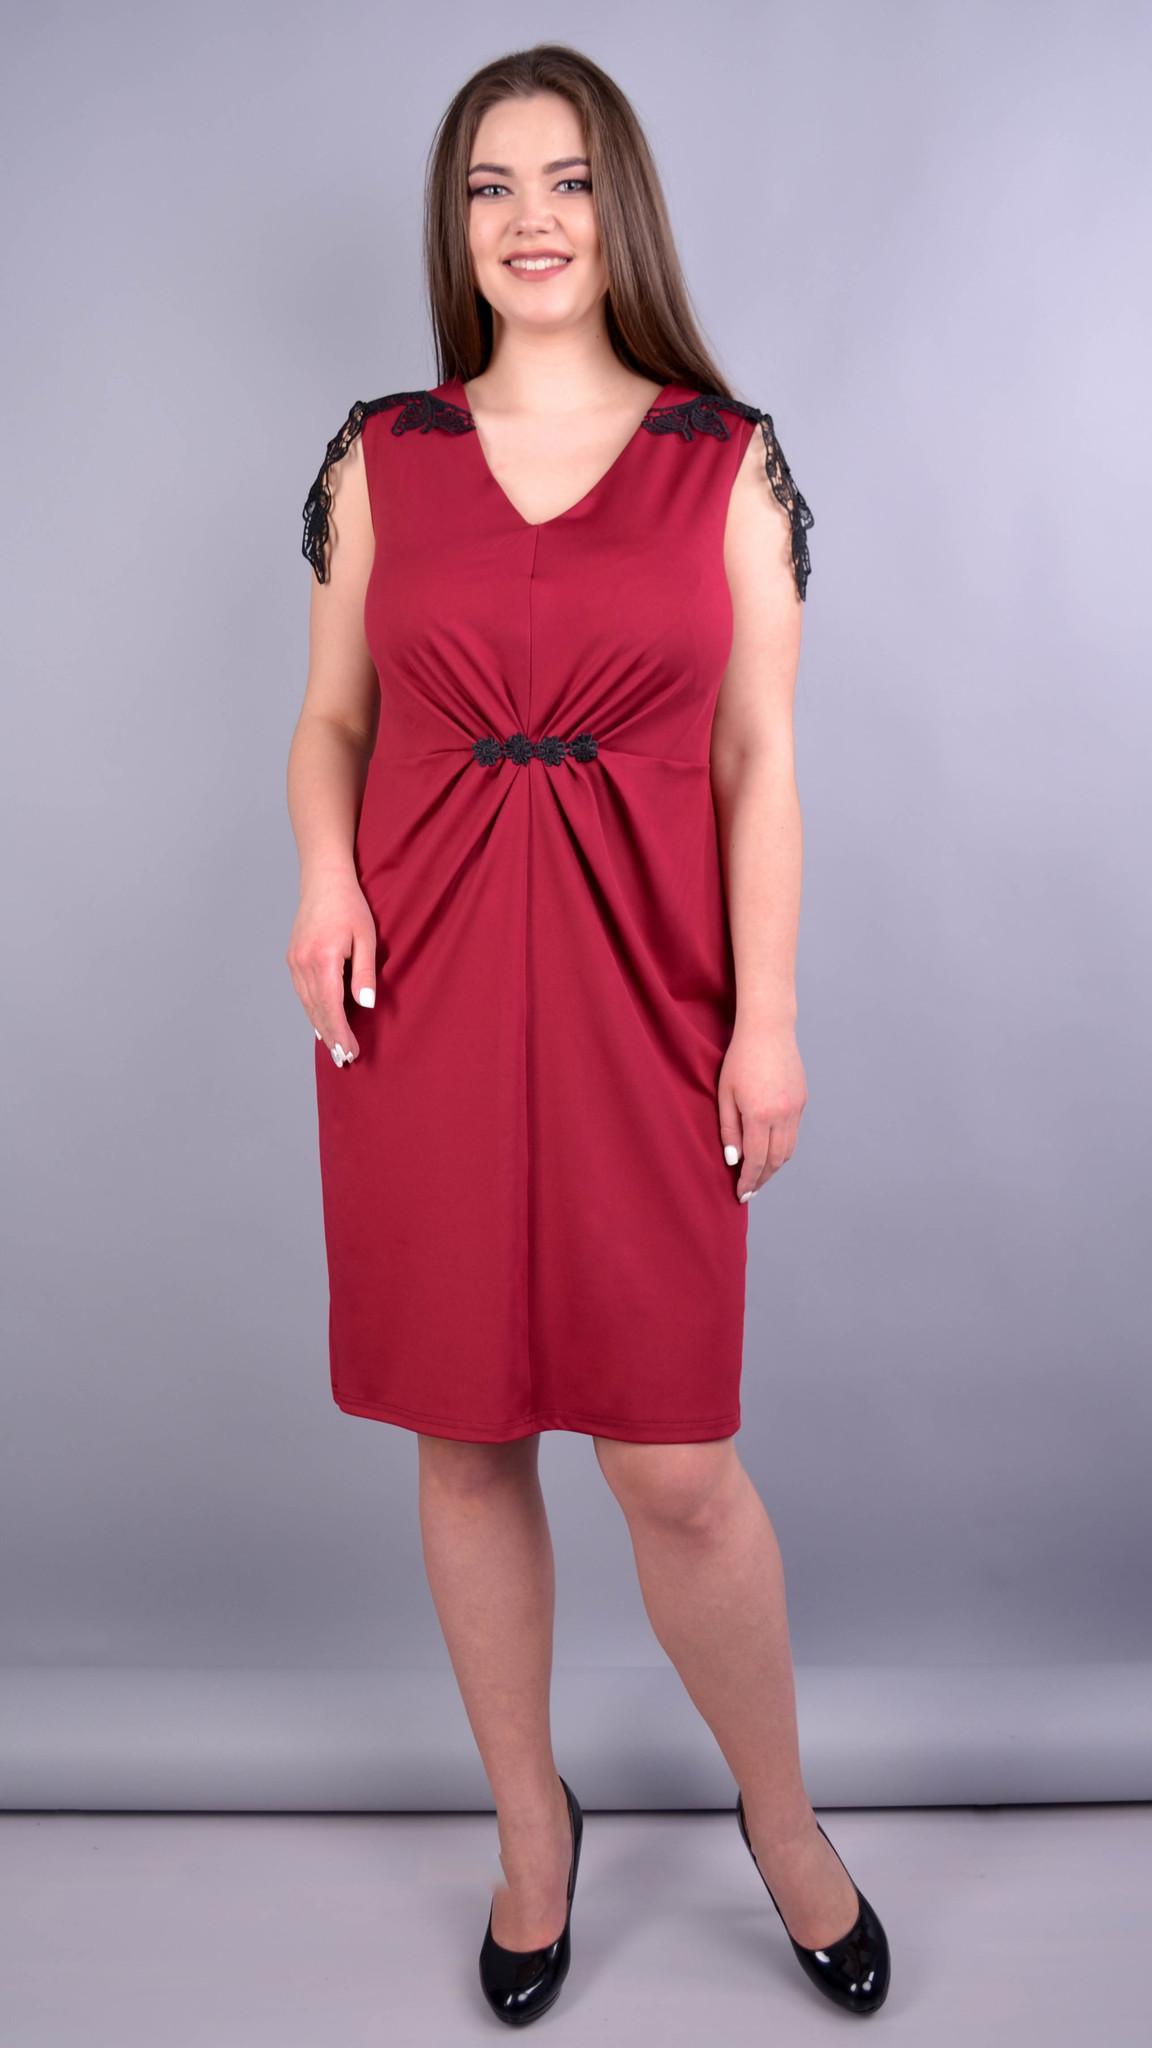 Ельміра. Стильна сукня для жінок плюс сайз. Бордо.